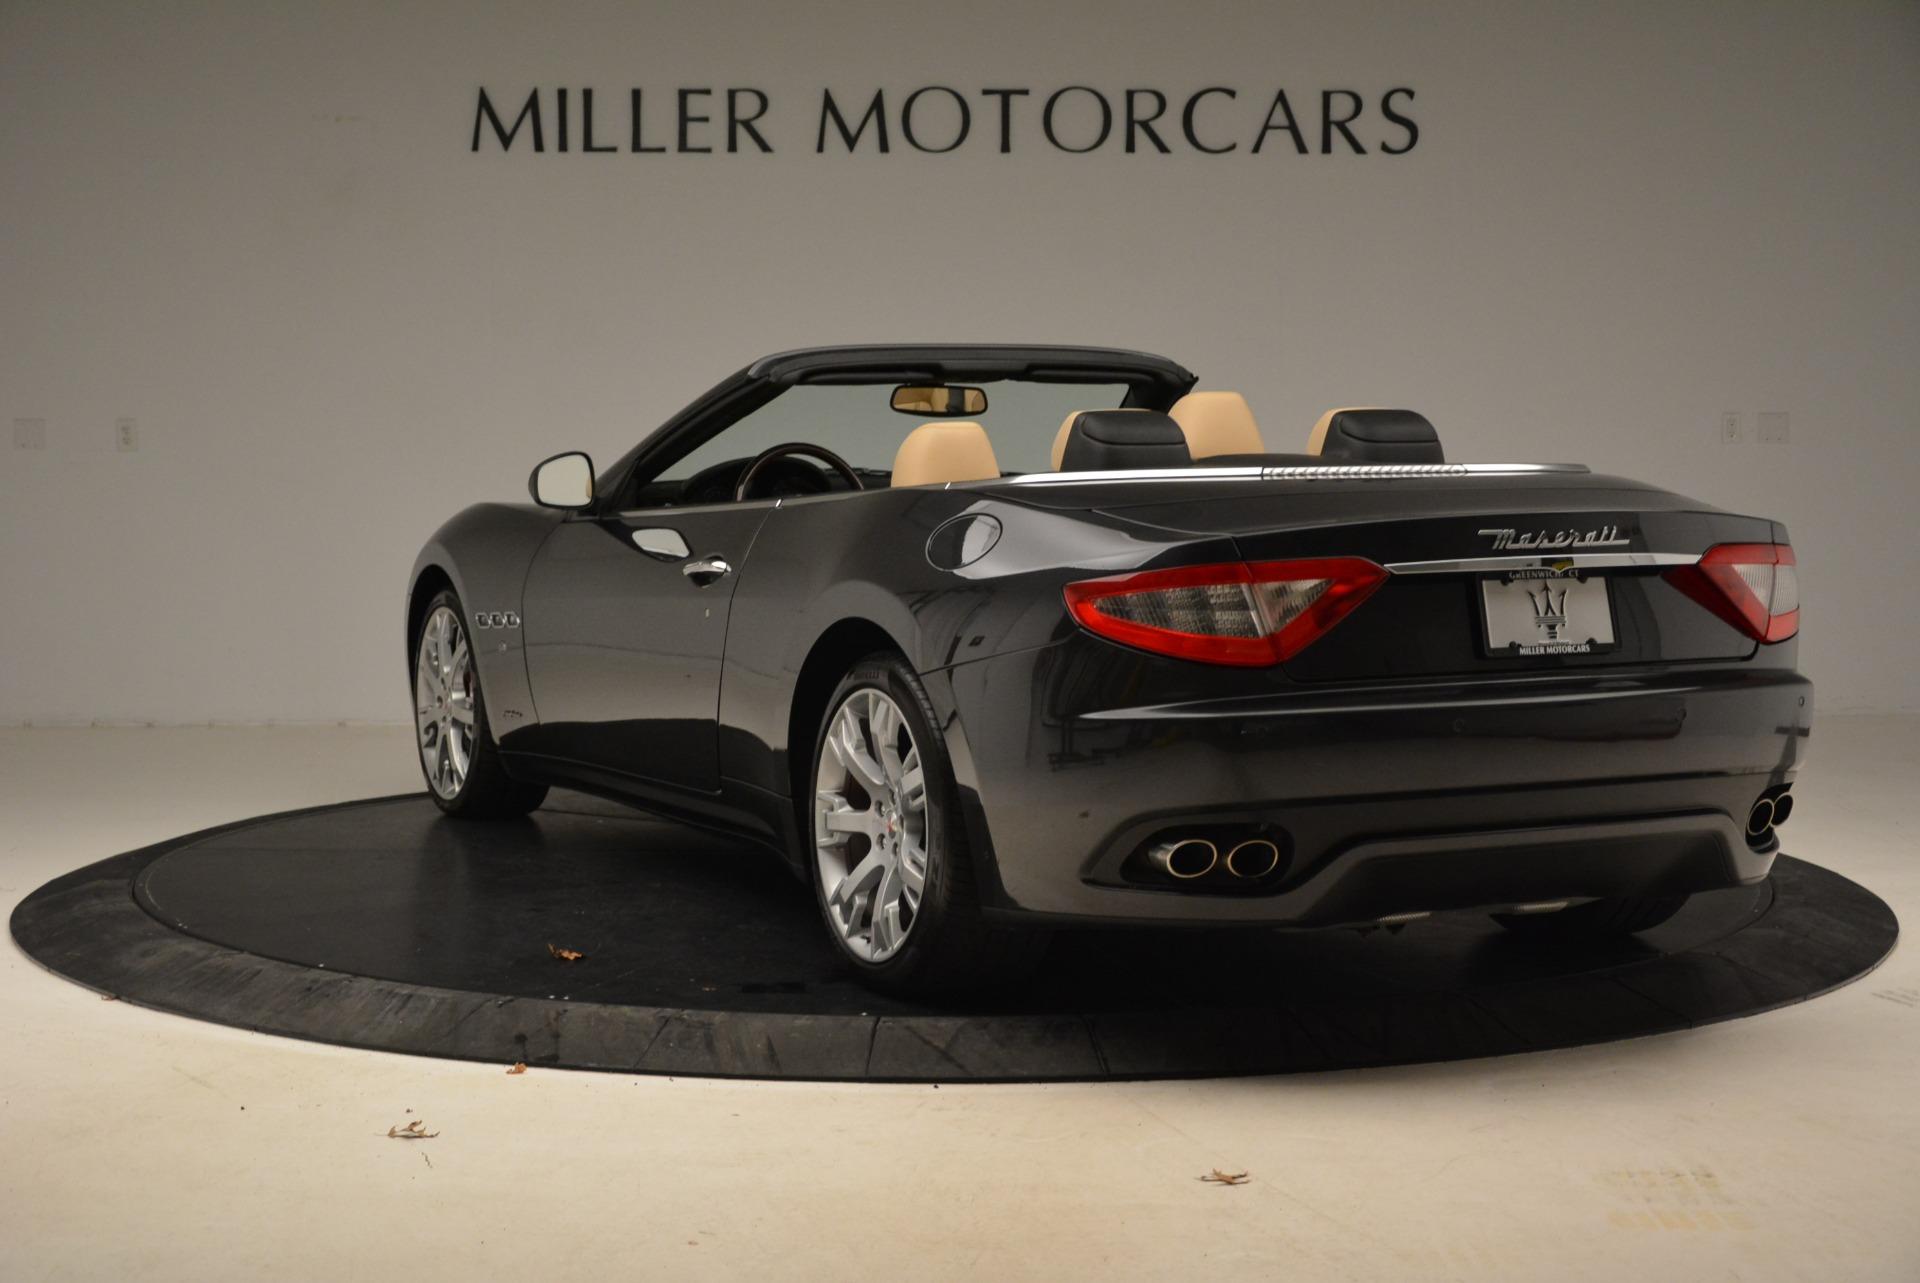 Used 2013 Maserati GranTurismo Convertible  For Sale In Greenwich, CT 2050_p5